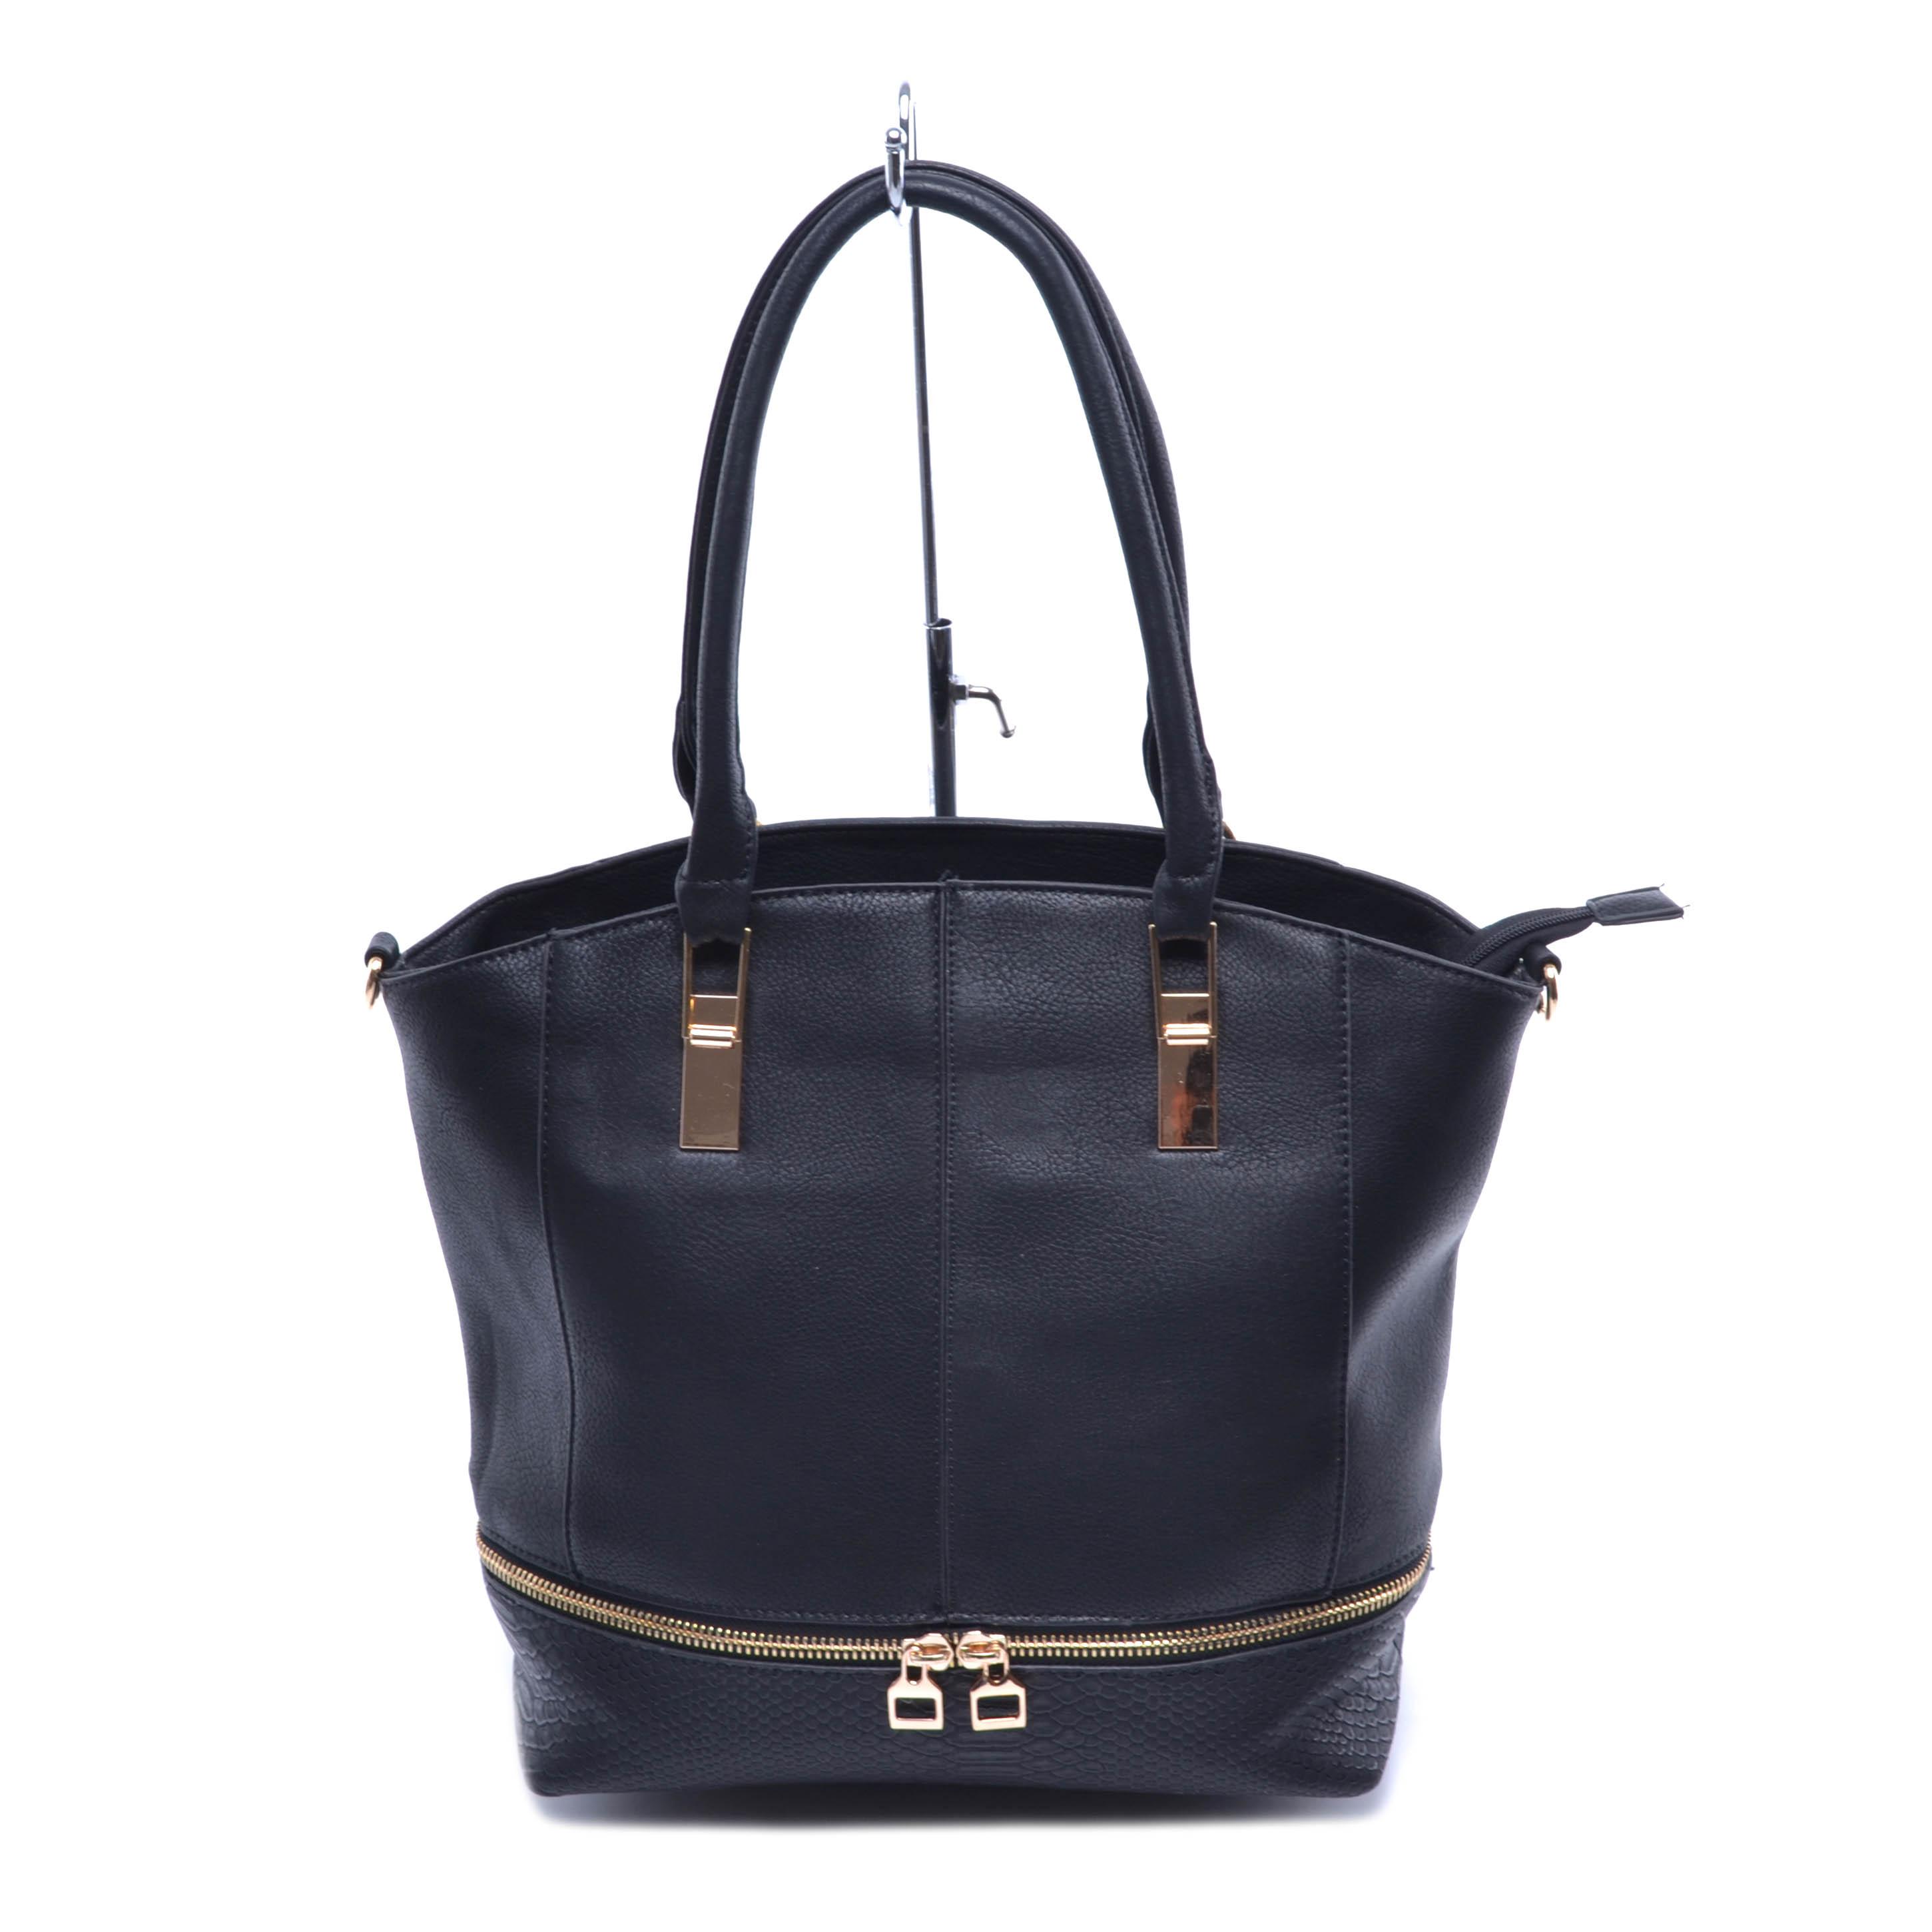 Női Nagyméretű Műbőr Válltáska - Válltáskák - Táska webáruház - Minőségi  táskák mindenkinek 8dd38d6189